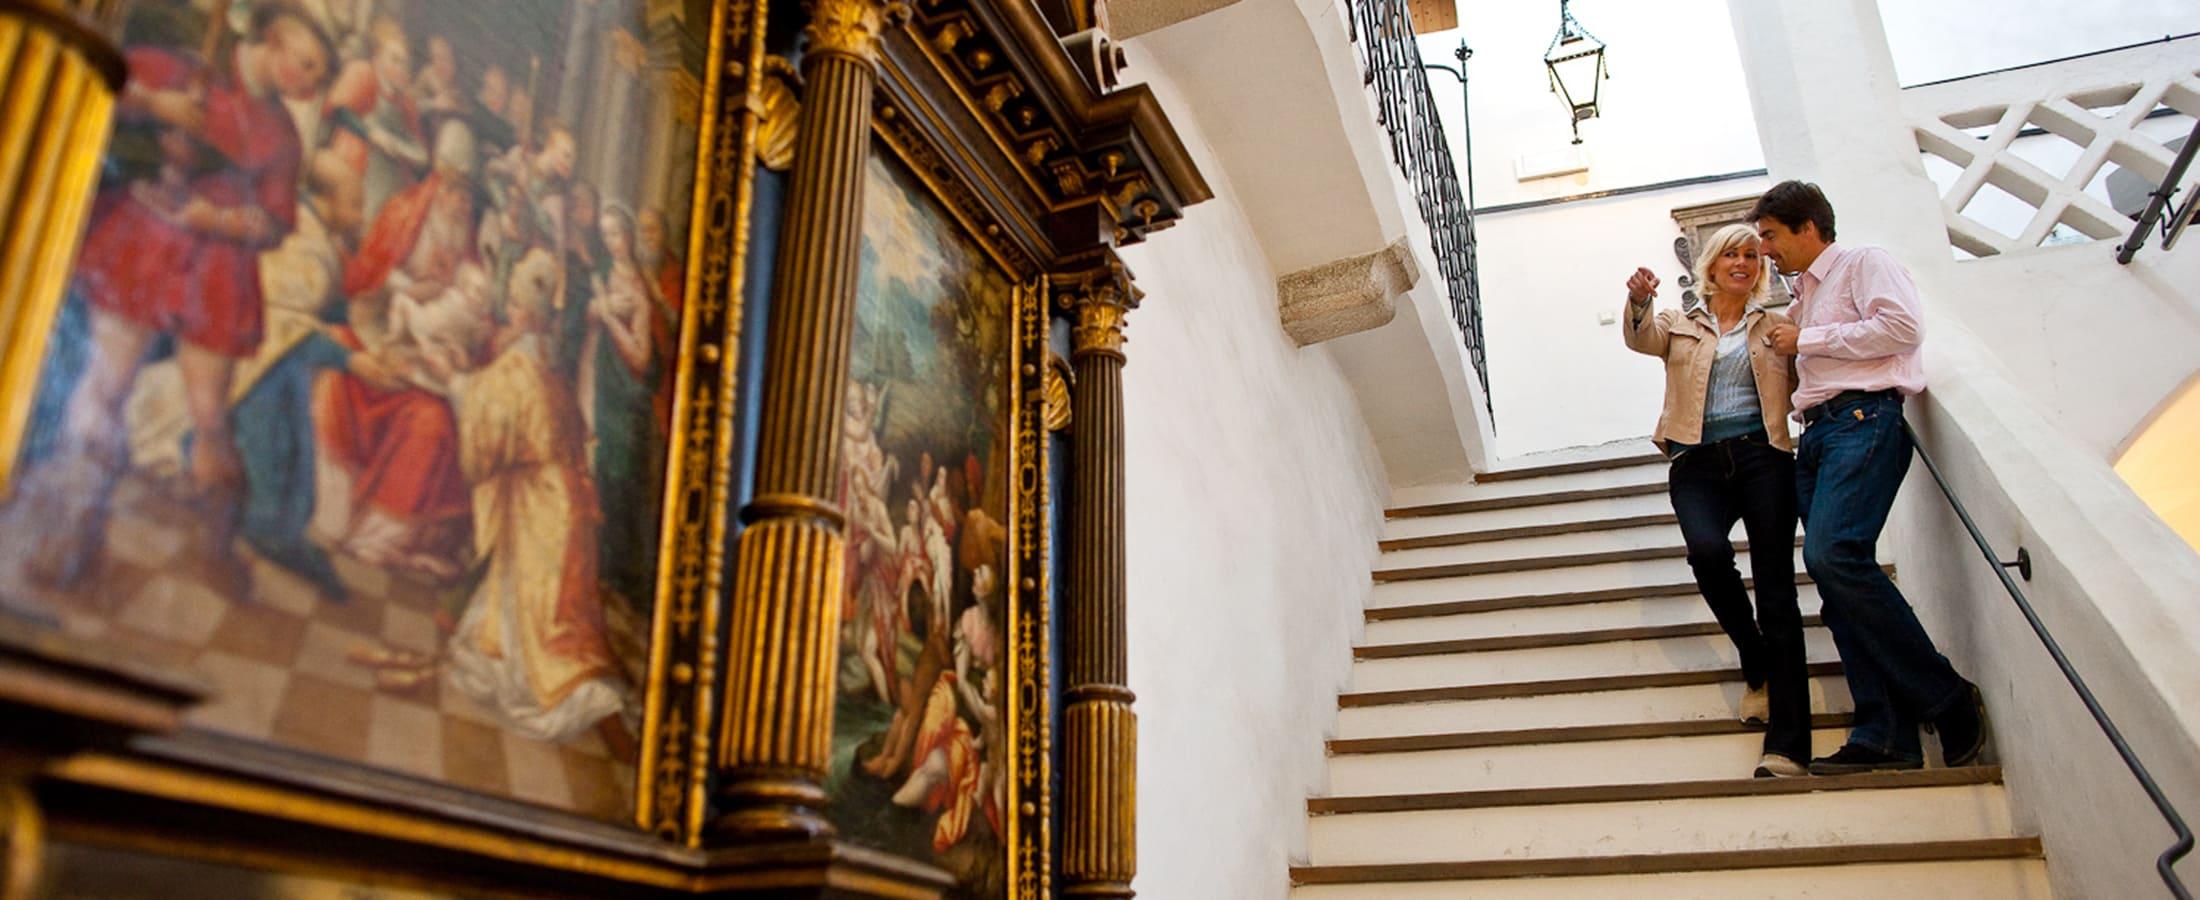 Lichtung Woldererhof - Museen